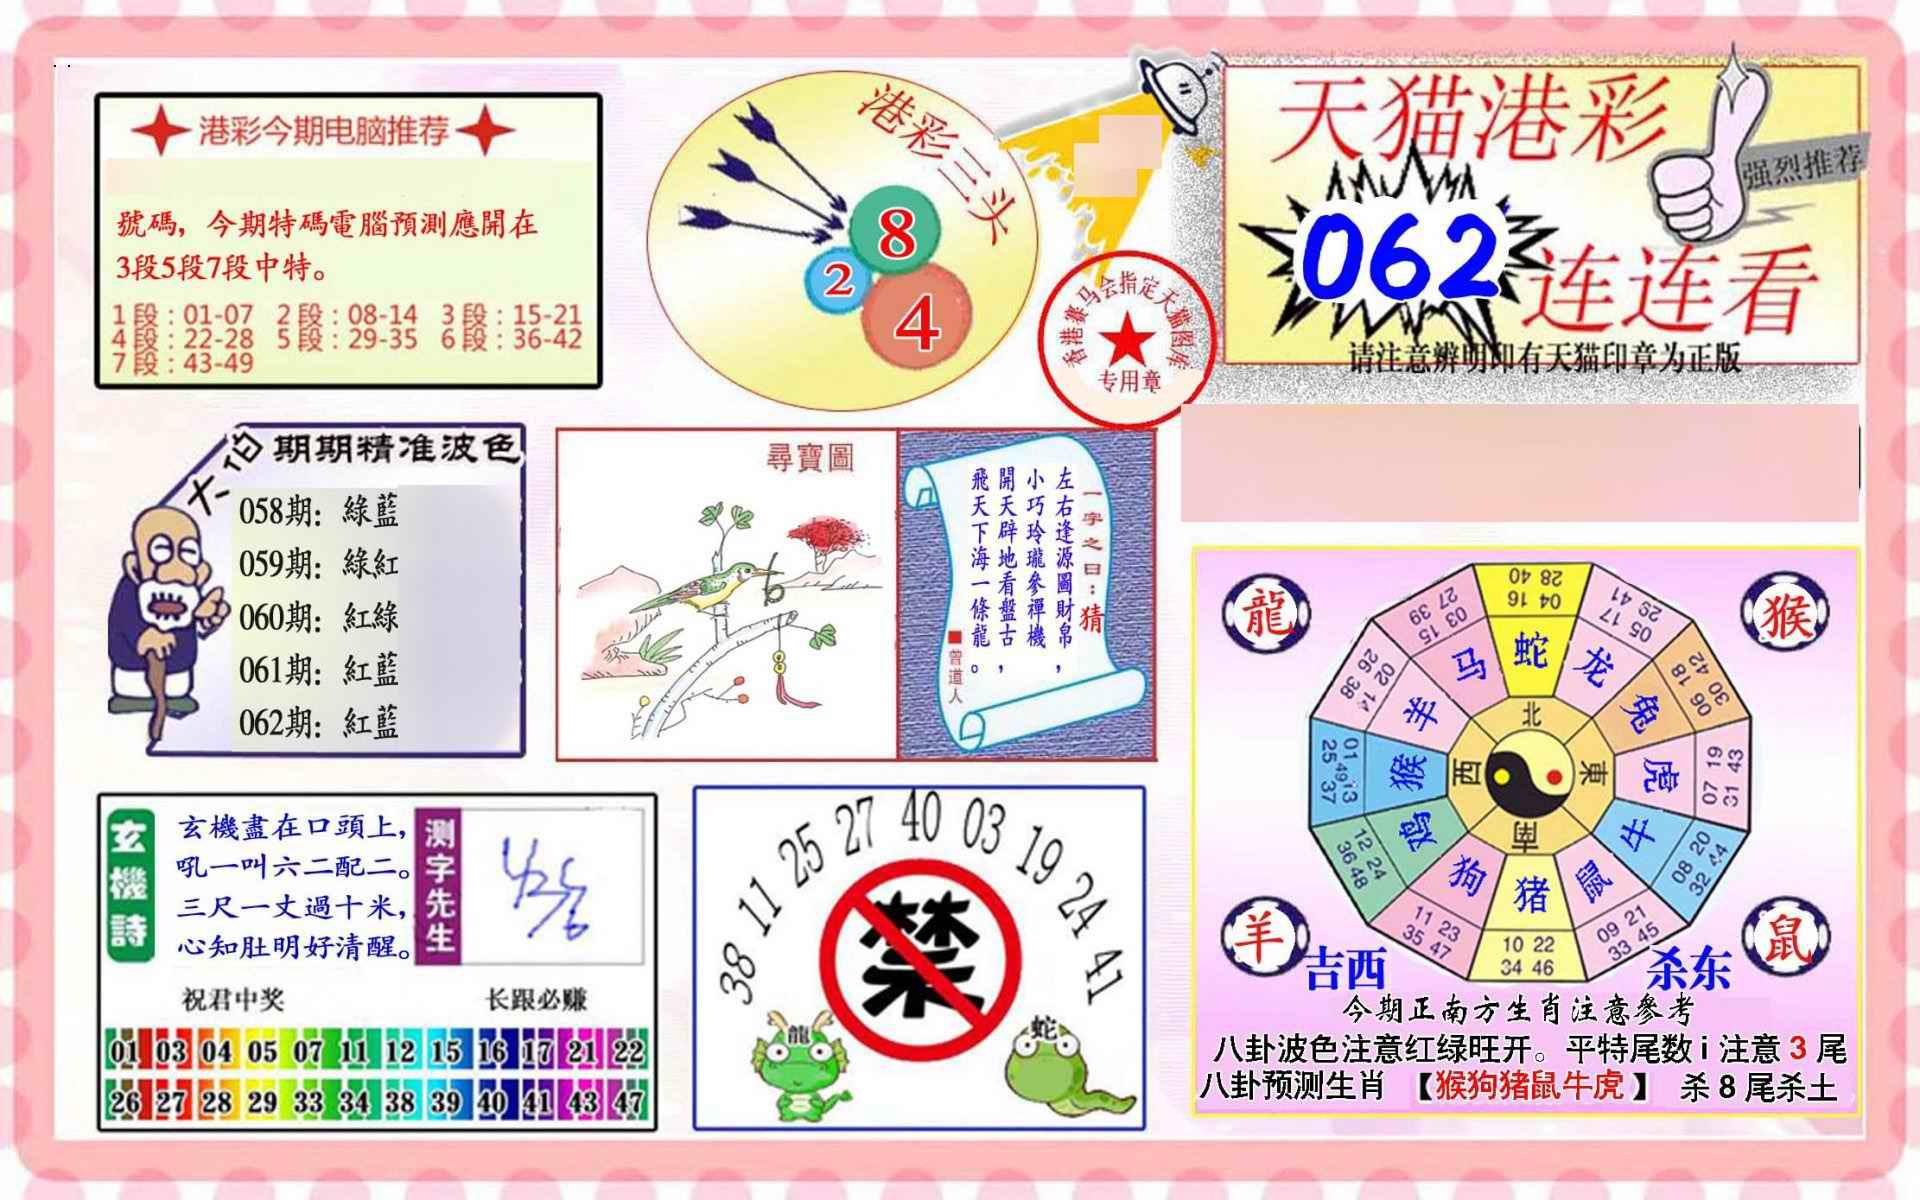 062期港彩连连中